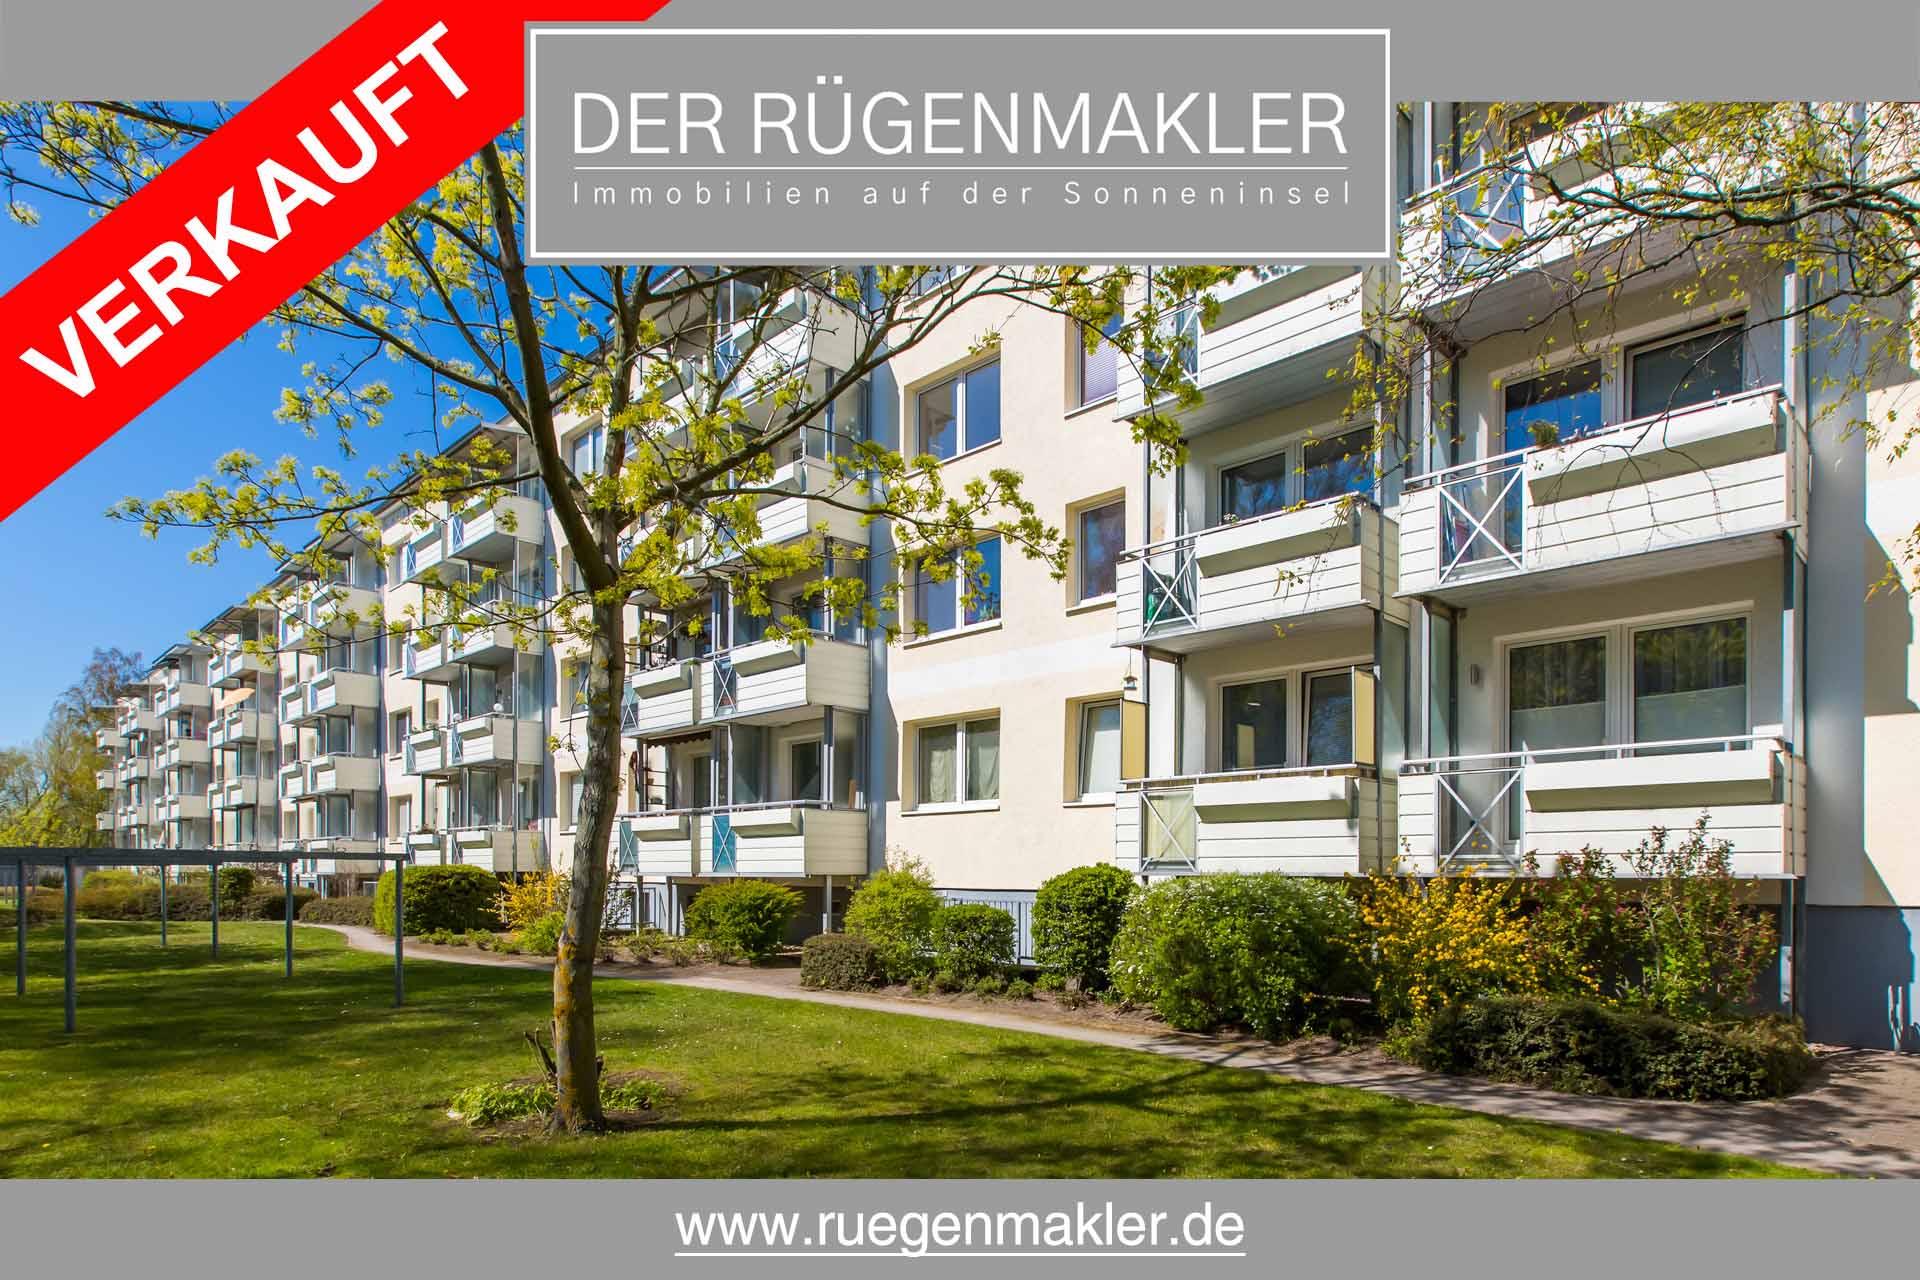 Ruegenmakler - Eigentumswohnung in Greifswald verkauft